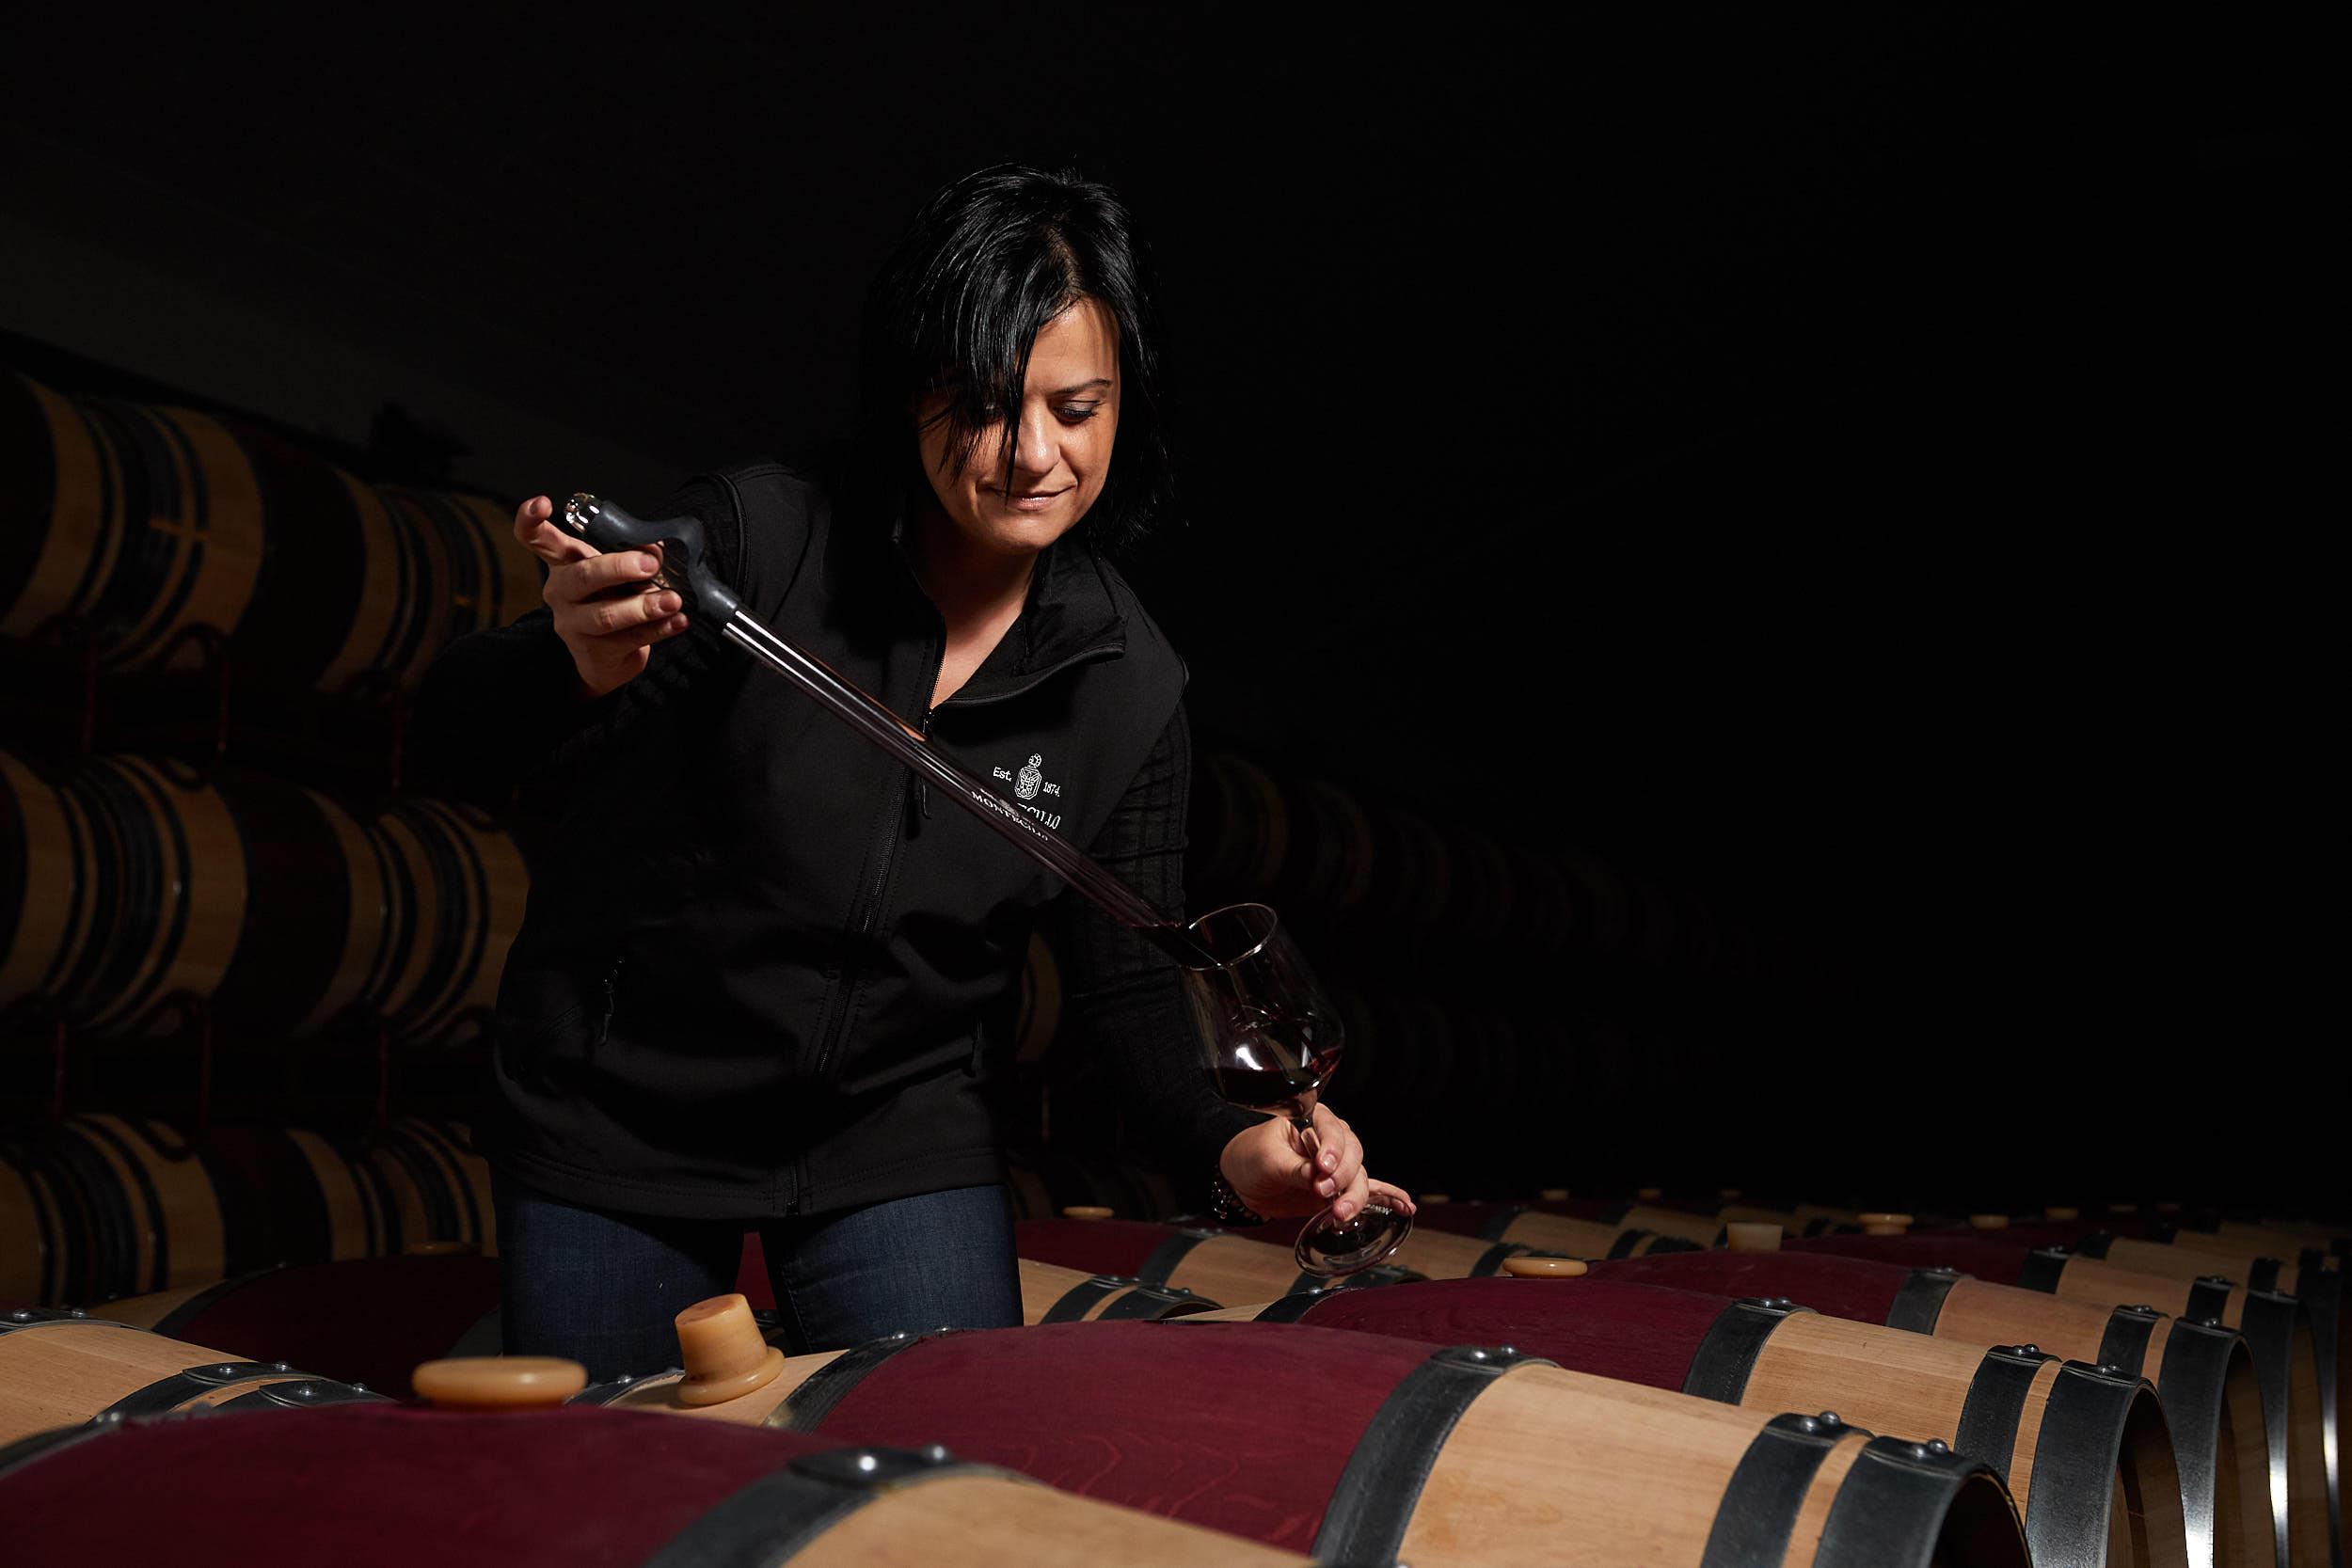 1612Bodegas_Montecillo_Fotografo_Vino_La_Rioja_Spain_James_Sturcke_sturcke.org_0008.jpg